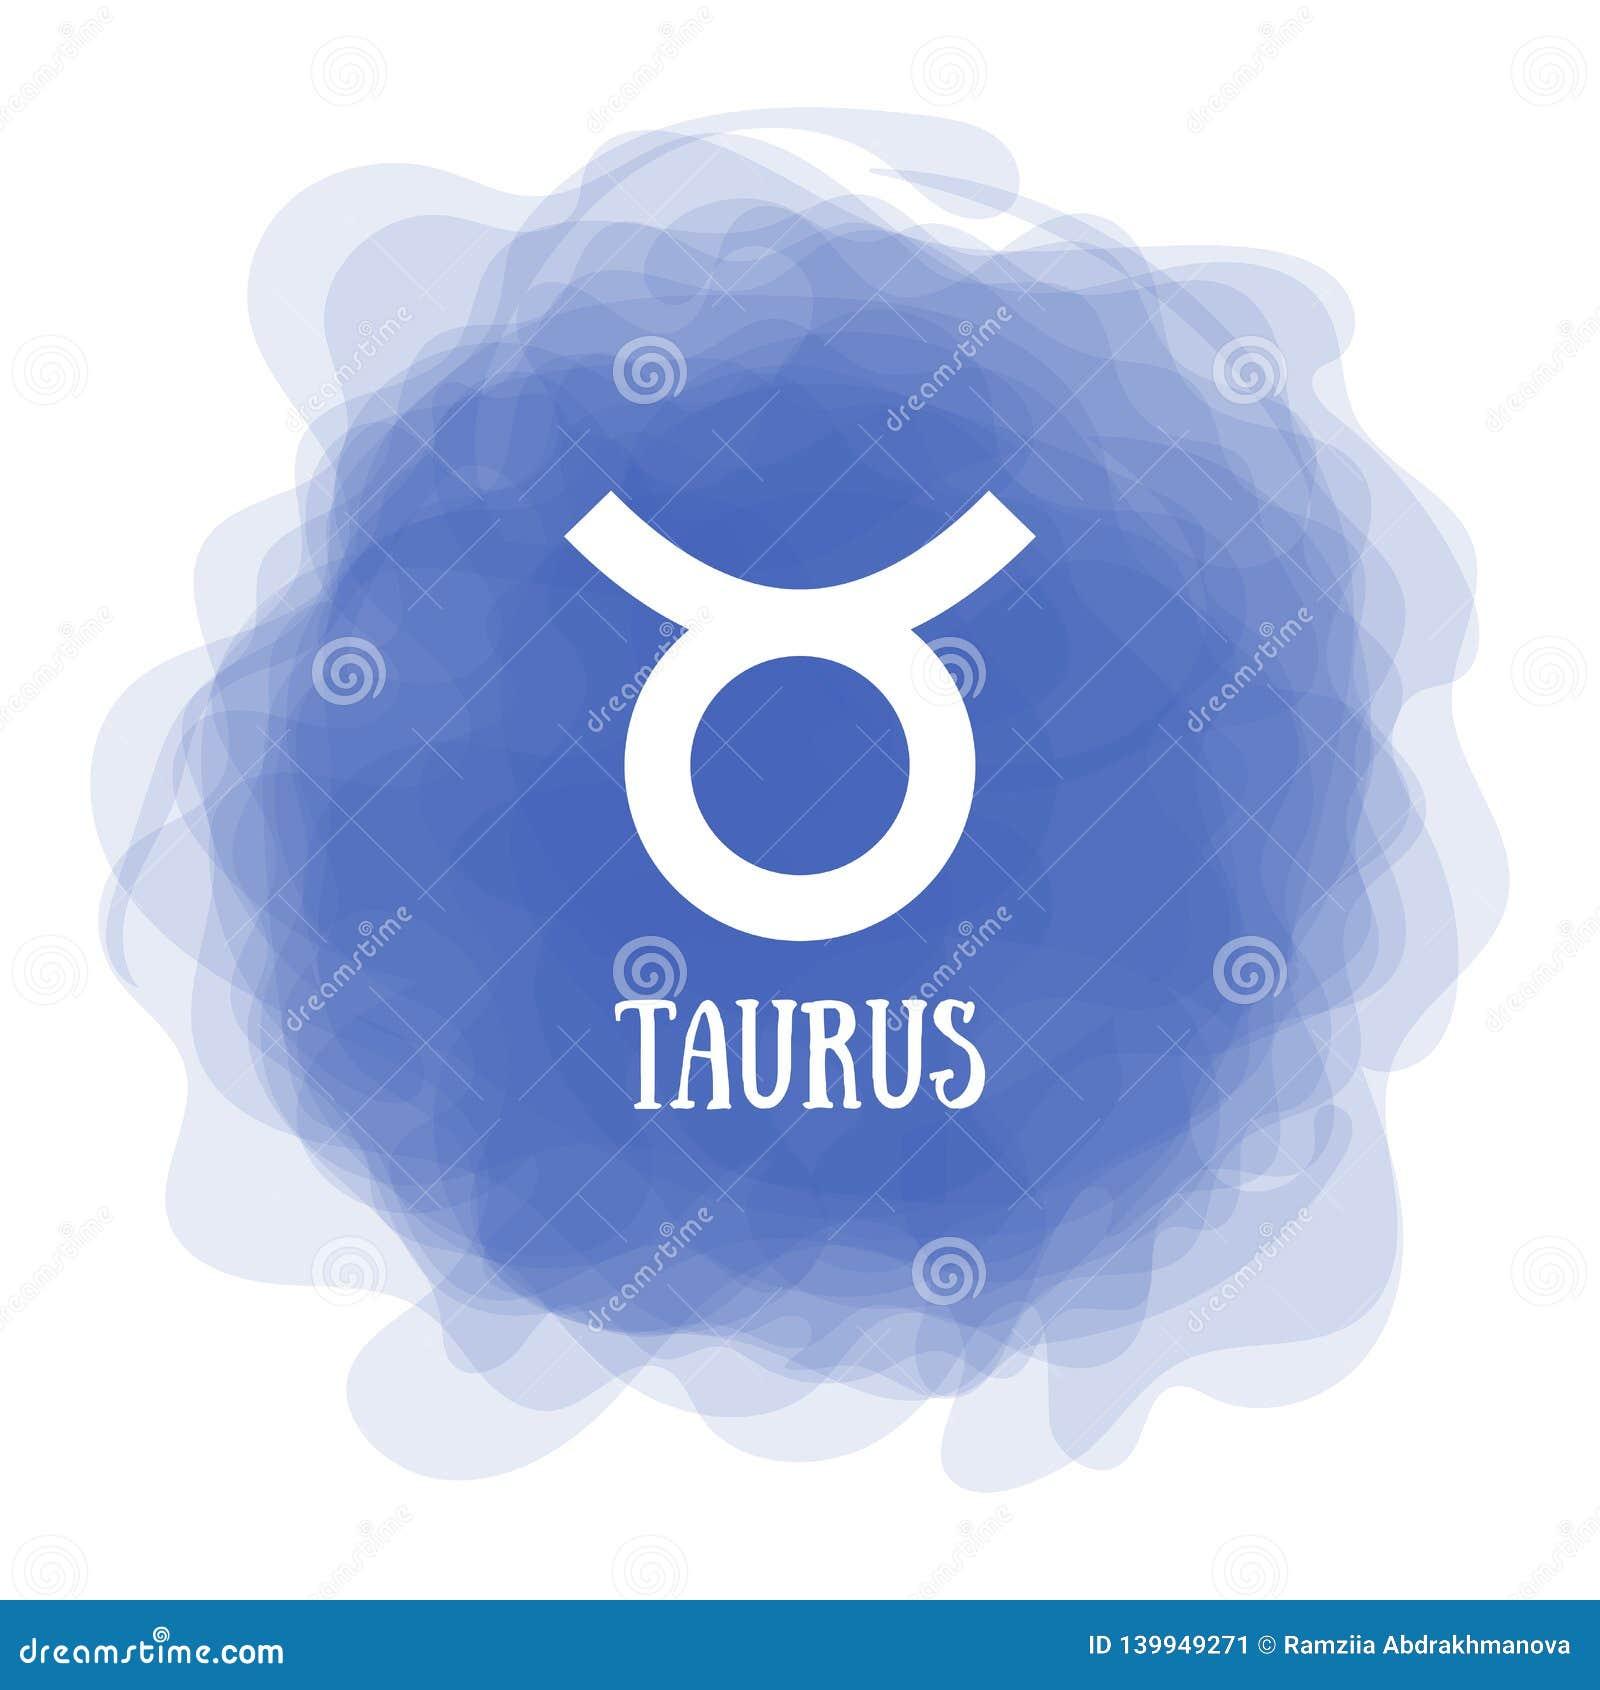 Calendario Zodiacal.Tauro Muestra Del Zodiaco Calendario Astrologico Horoscopo Zodiacal